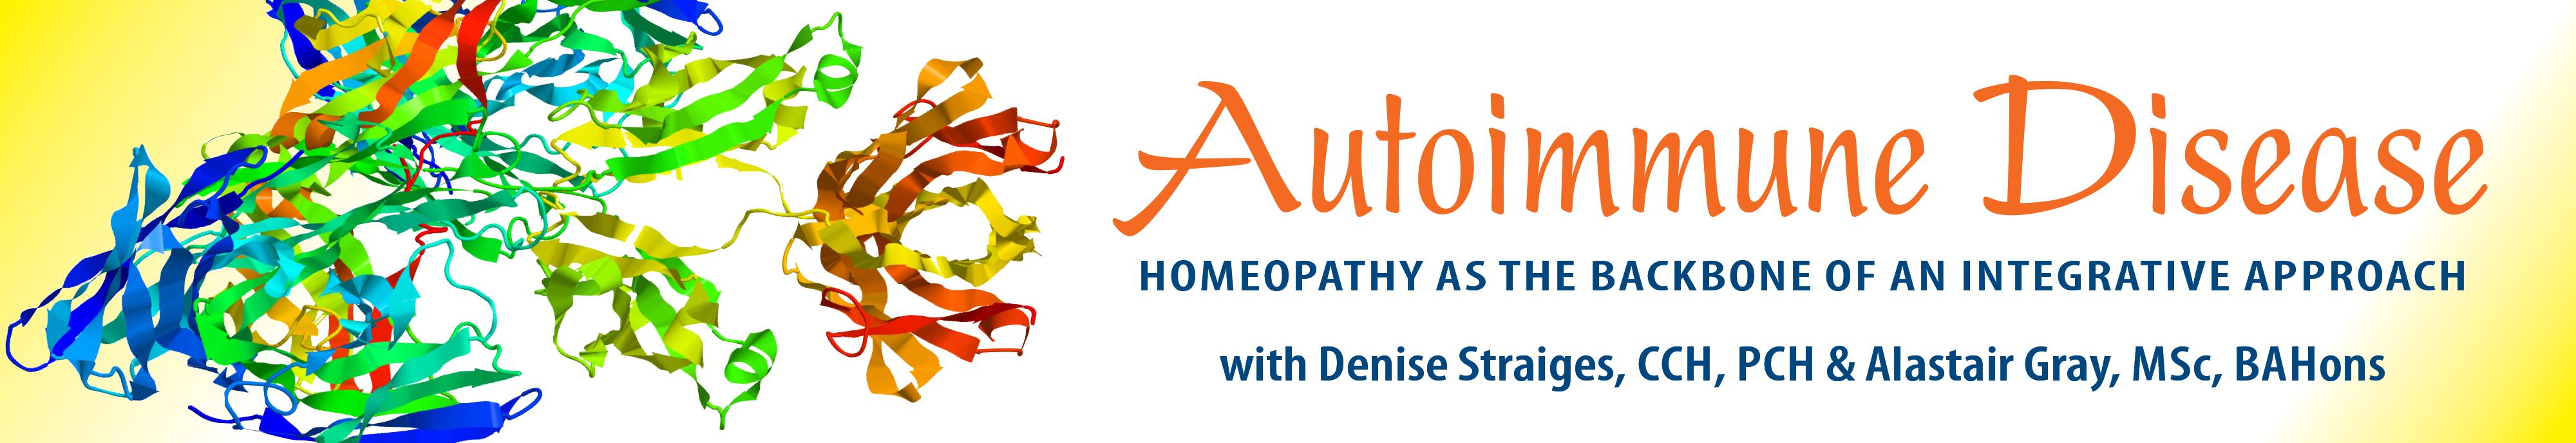 Autoimmune disease banner